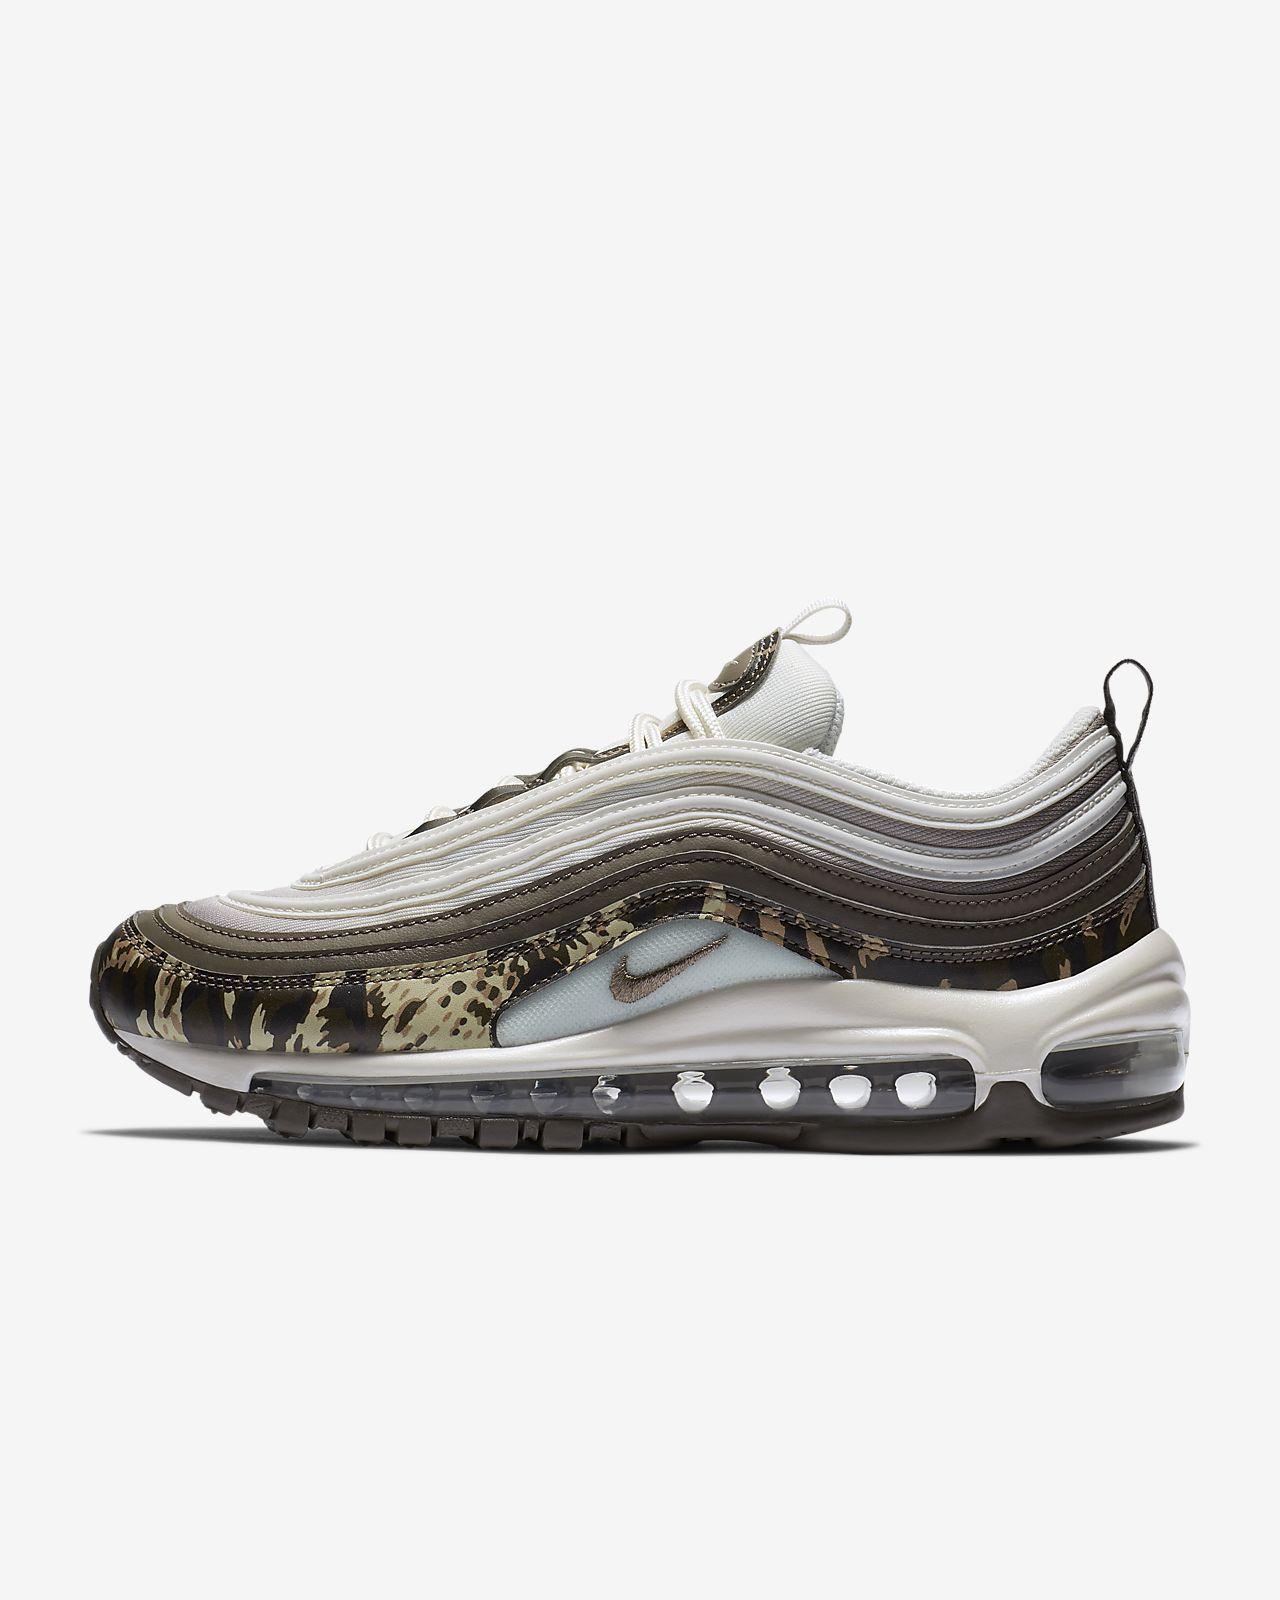 best website a53fc 890dc ... cheap nike air max 97 premium animal camo womens shoe 41803 5f7b0